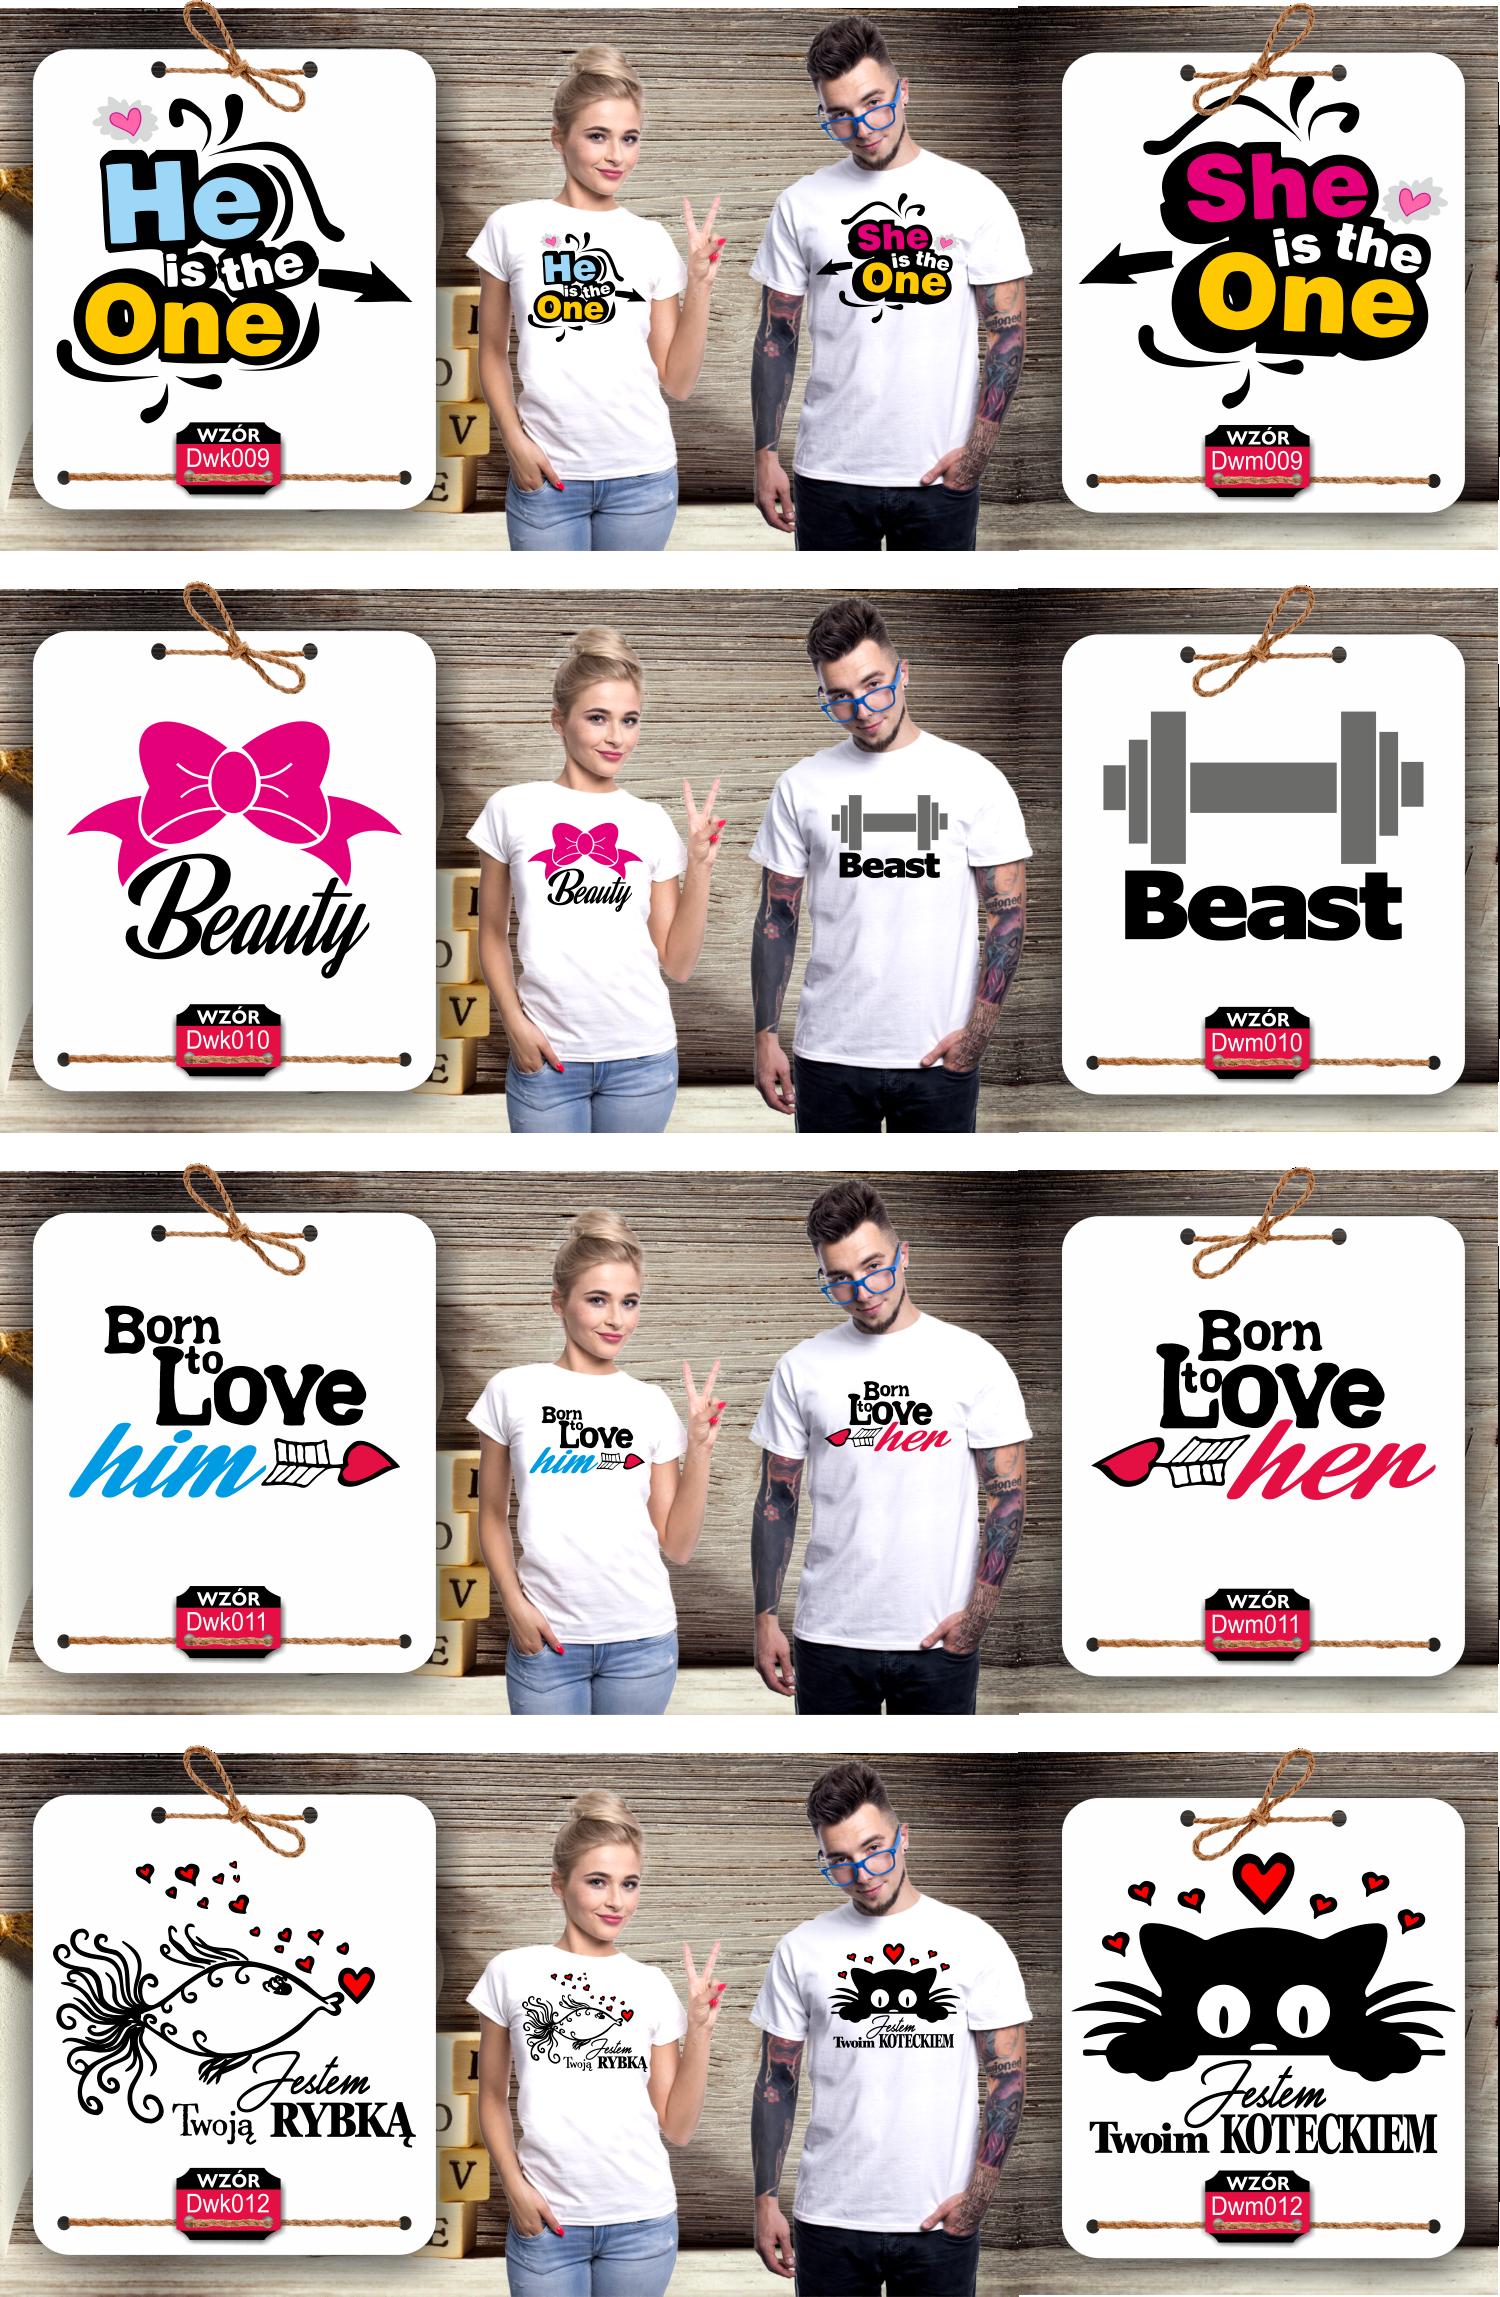 propozycje dla zakochanych ukryte w koszulkach z nadrukiem walentynki